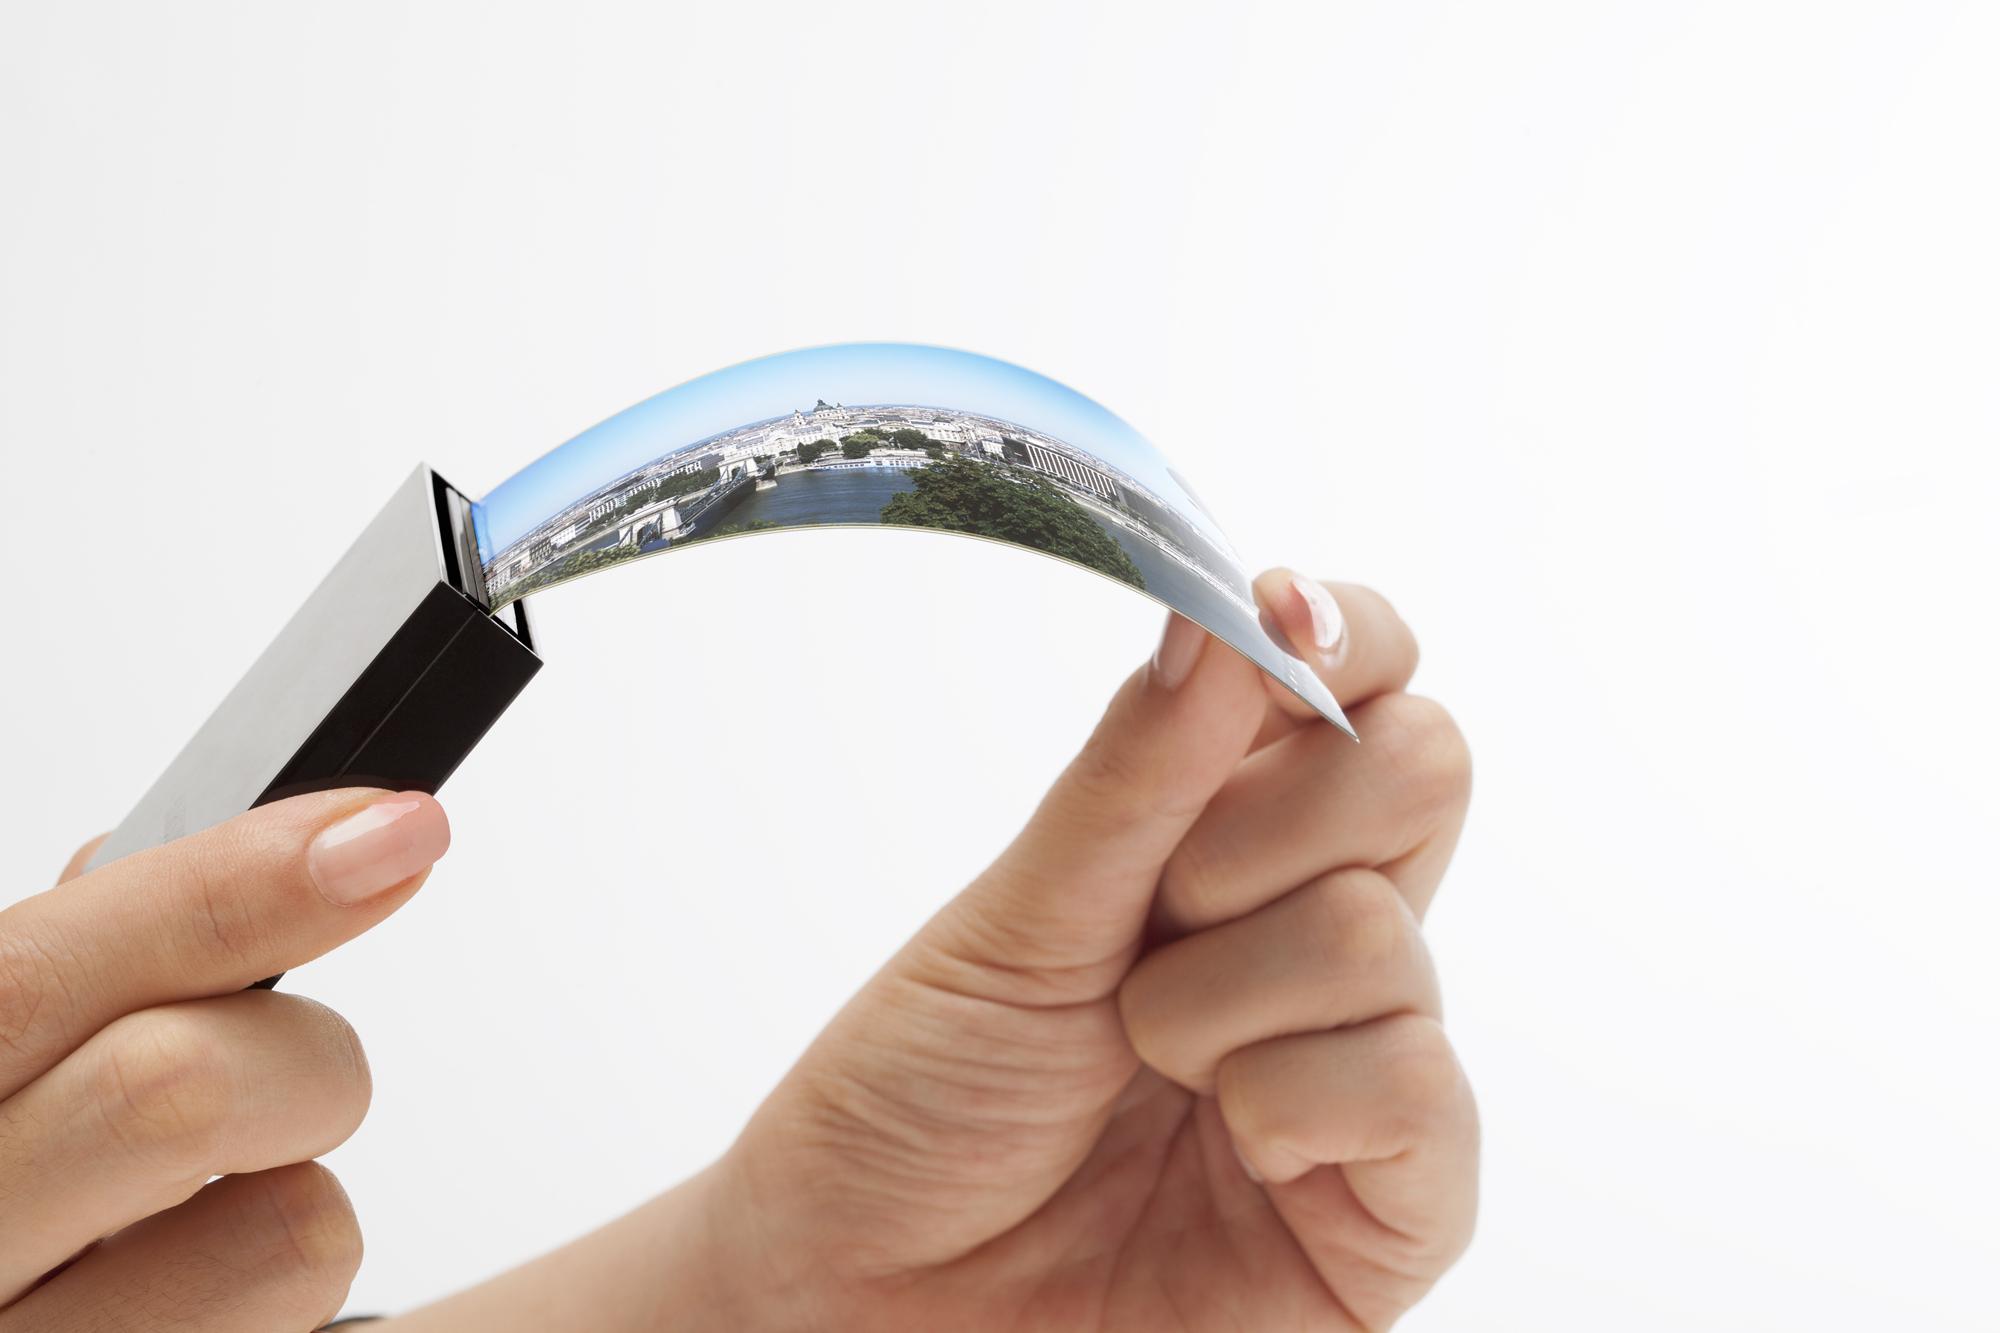 Samsung verzeichnet hohe Nachfrage nach gekrümmten Bildschirmen